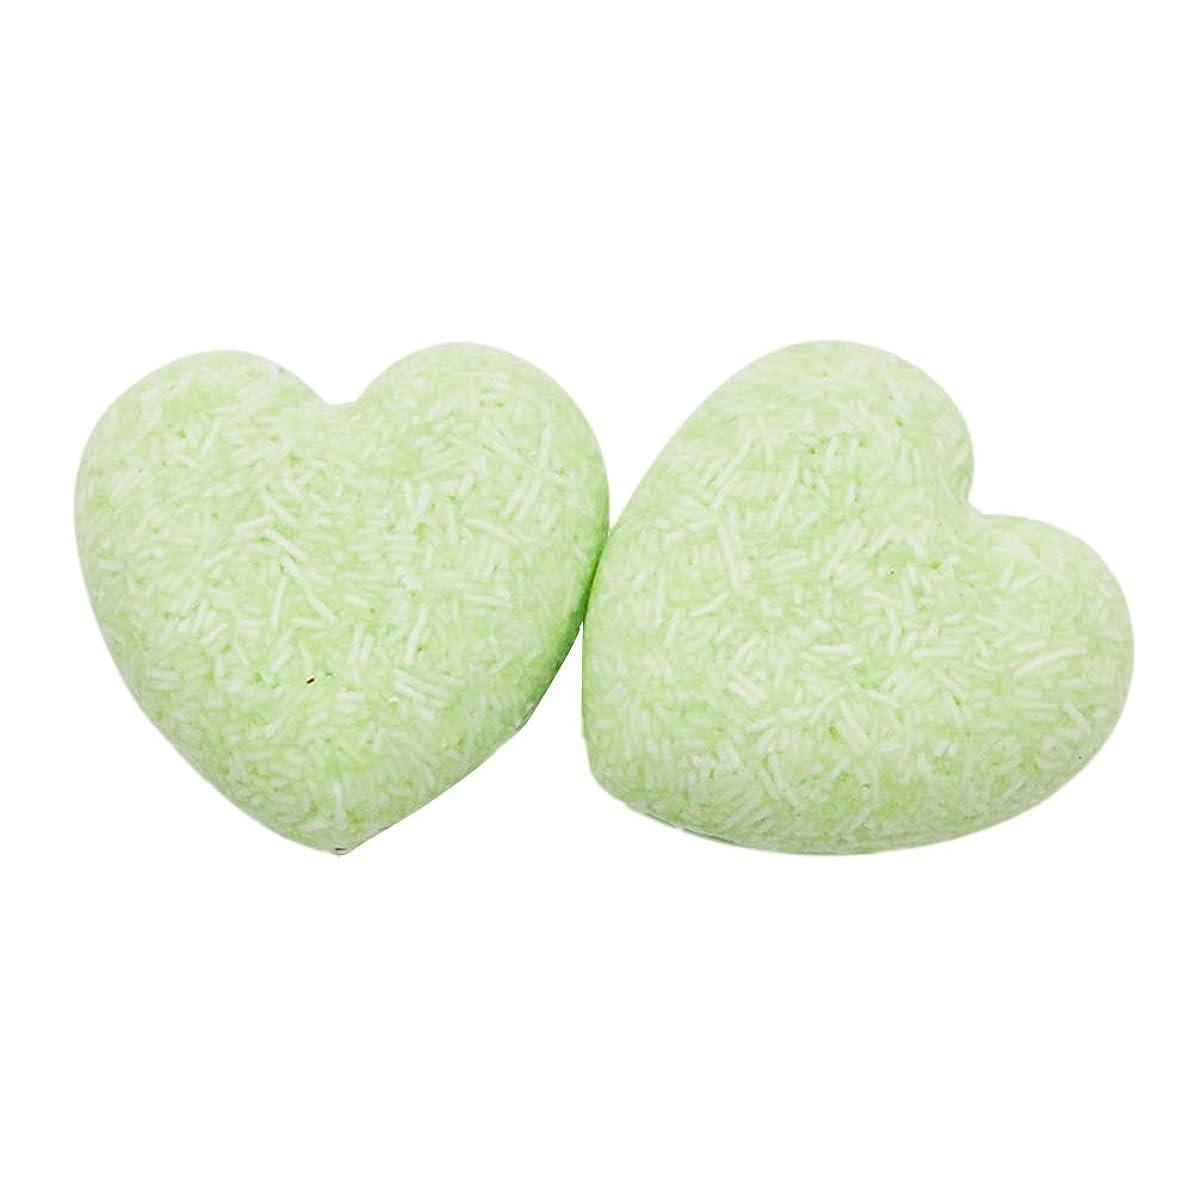 損なう接ぎ木禁止するLurrose 2ピースヘアシャンプーバー石鹸栄養オイルコントロール育毛石鹸